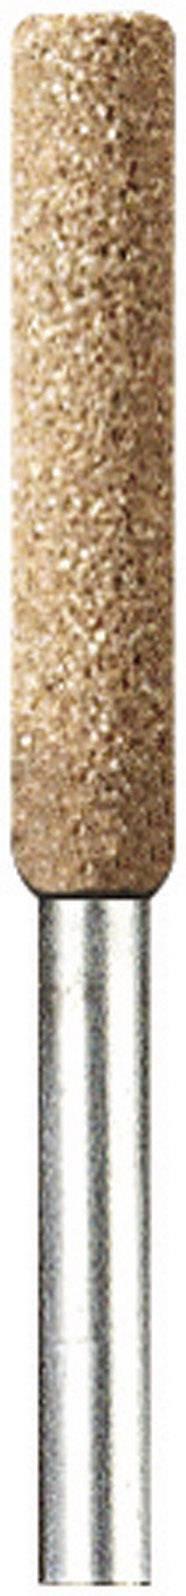 Brusná hlavice Dremel 454, Ø 4,8 mm